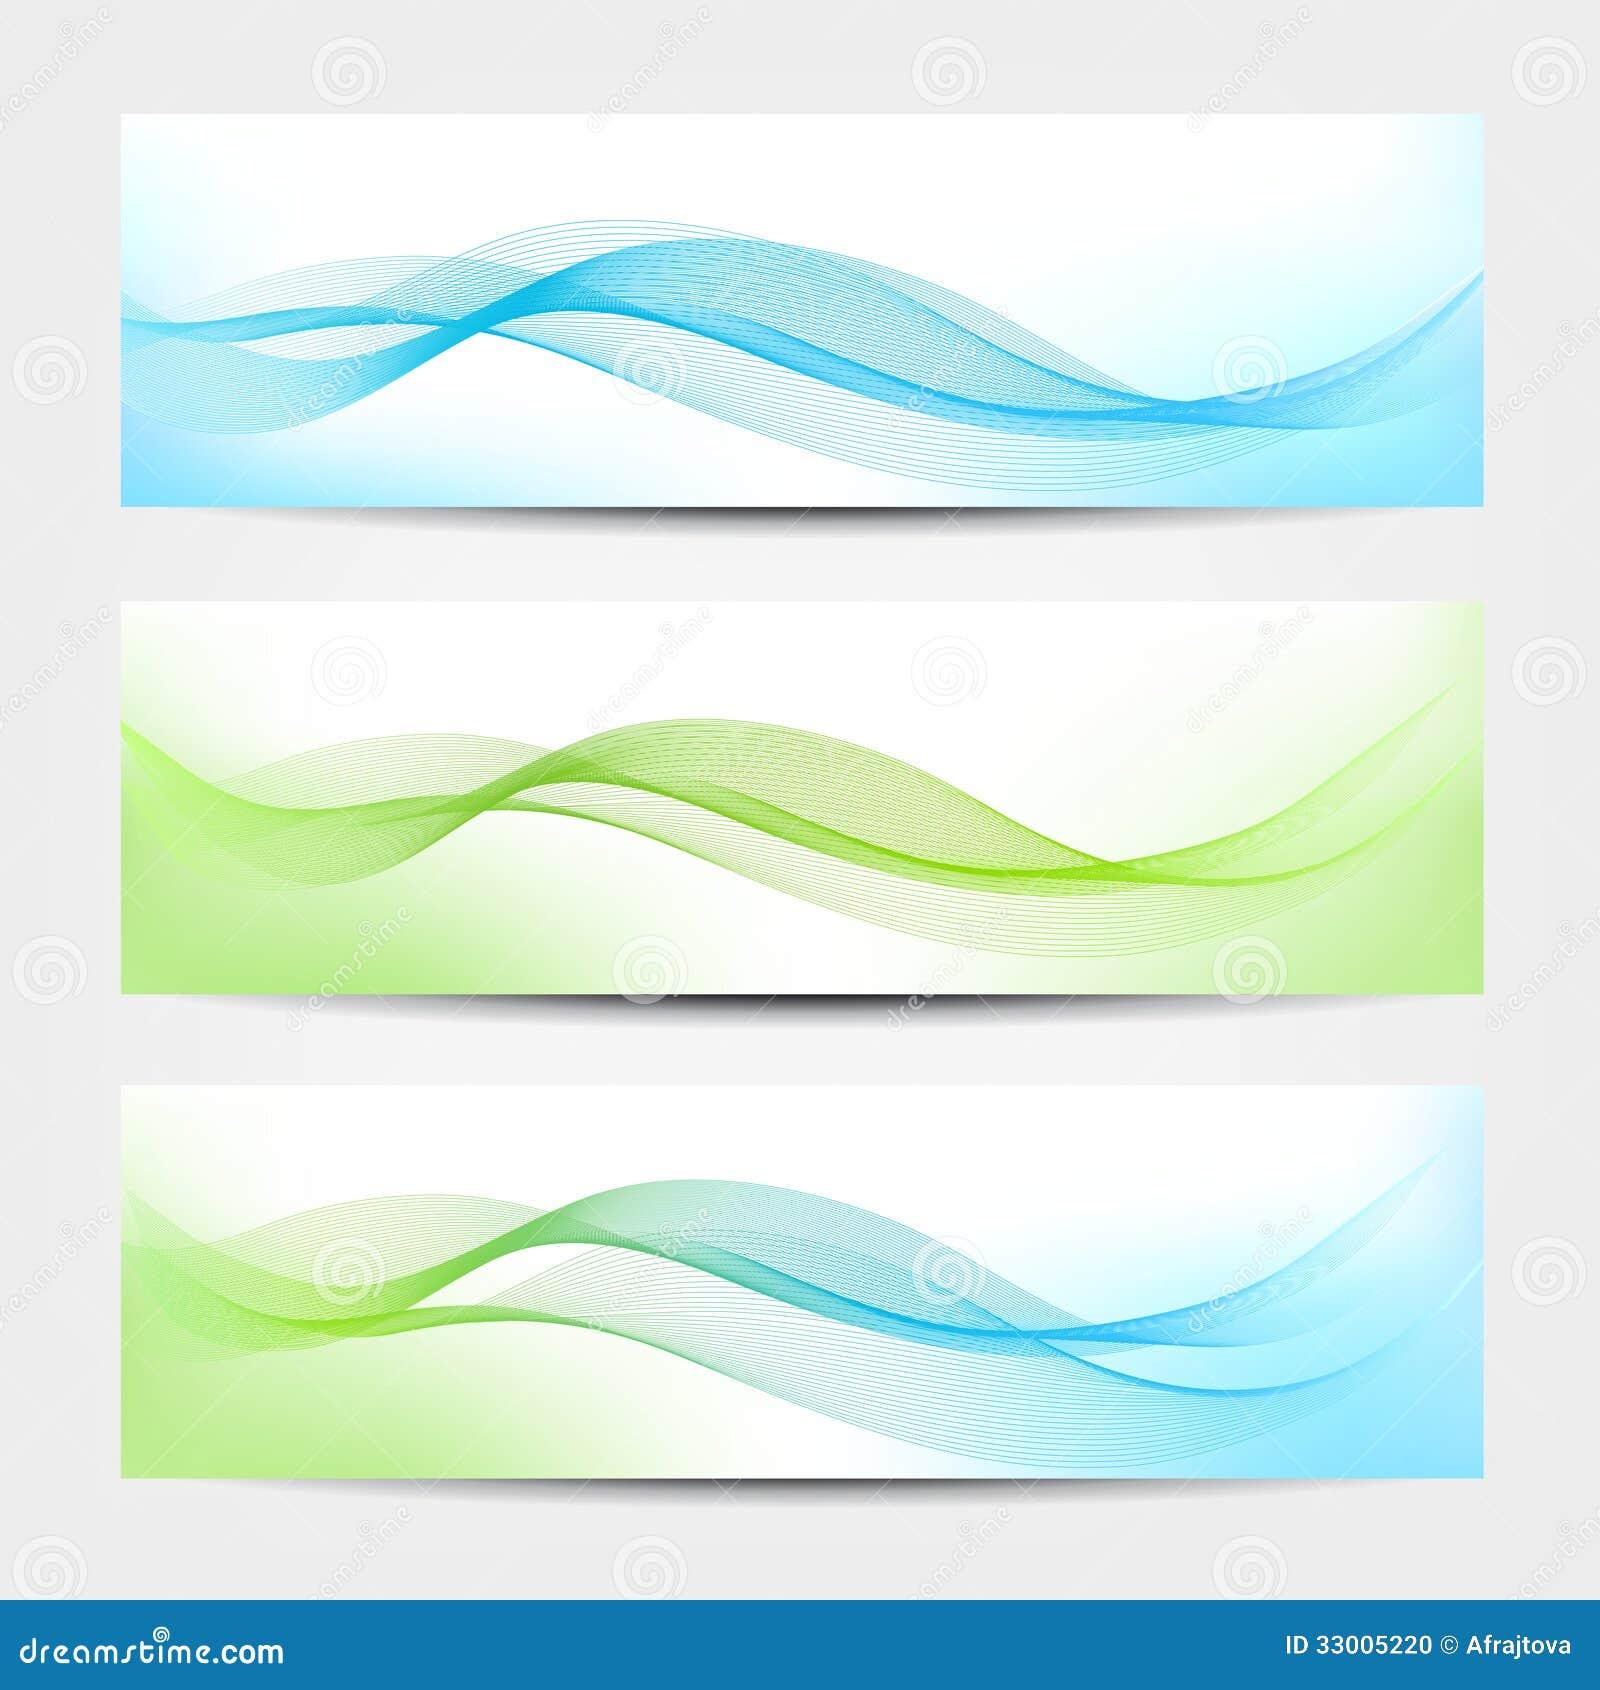 Baner - vattenvågor